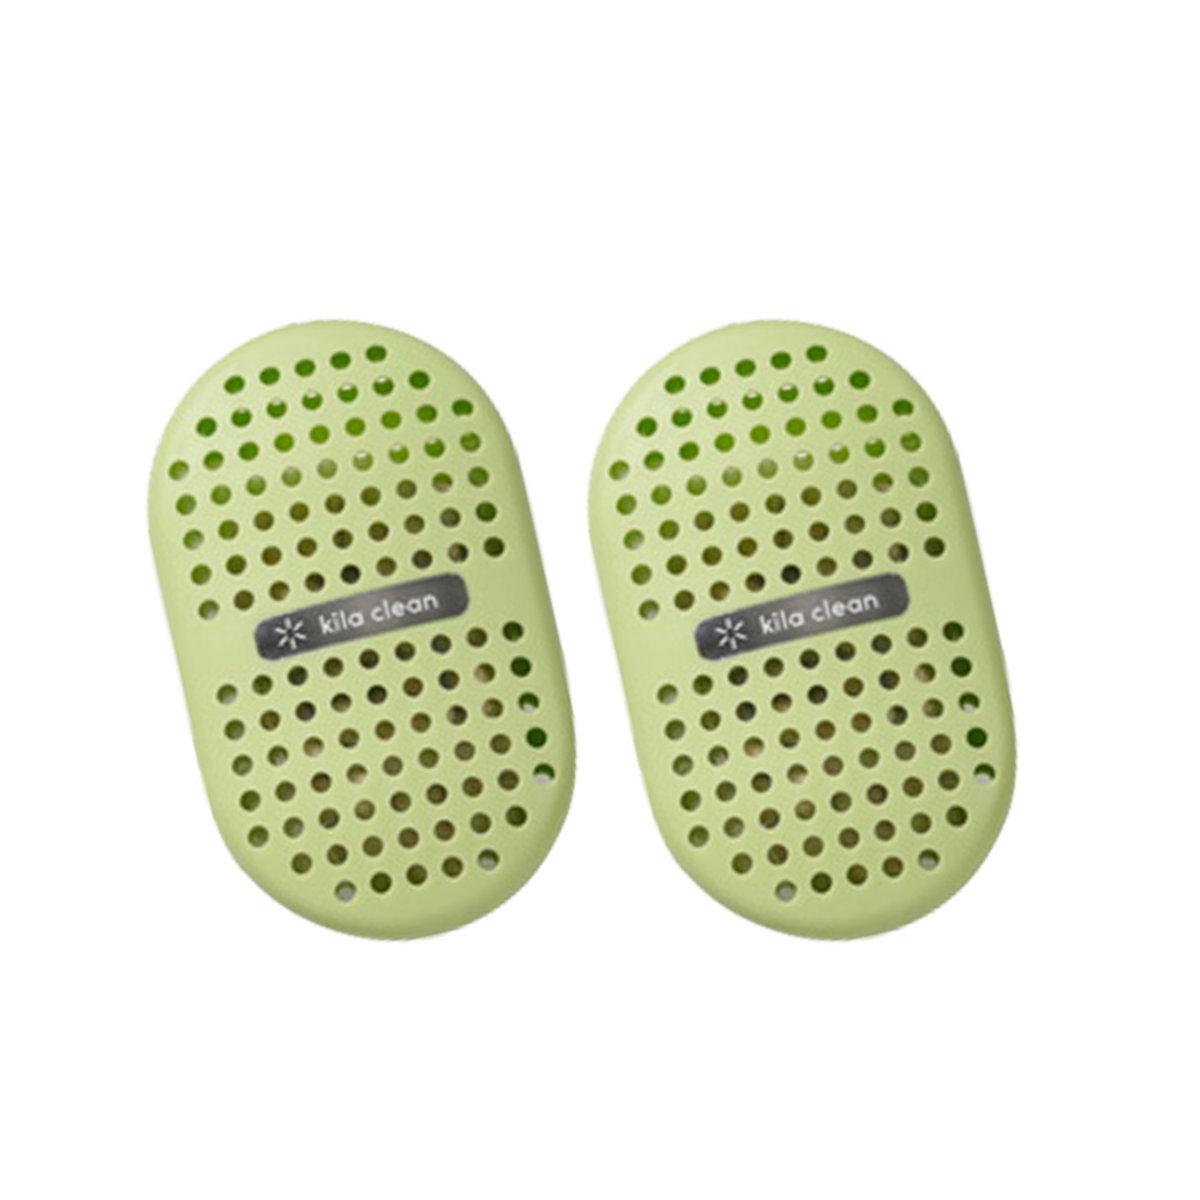 Clean 光觸媒吸臭除菌盒 (一包兩個) (日本製) (綠色)